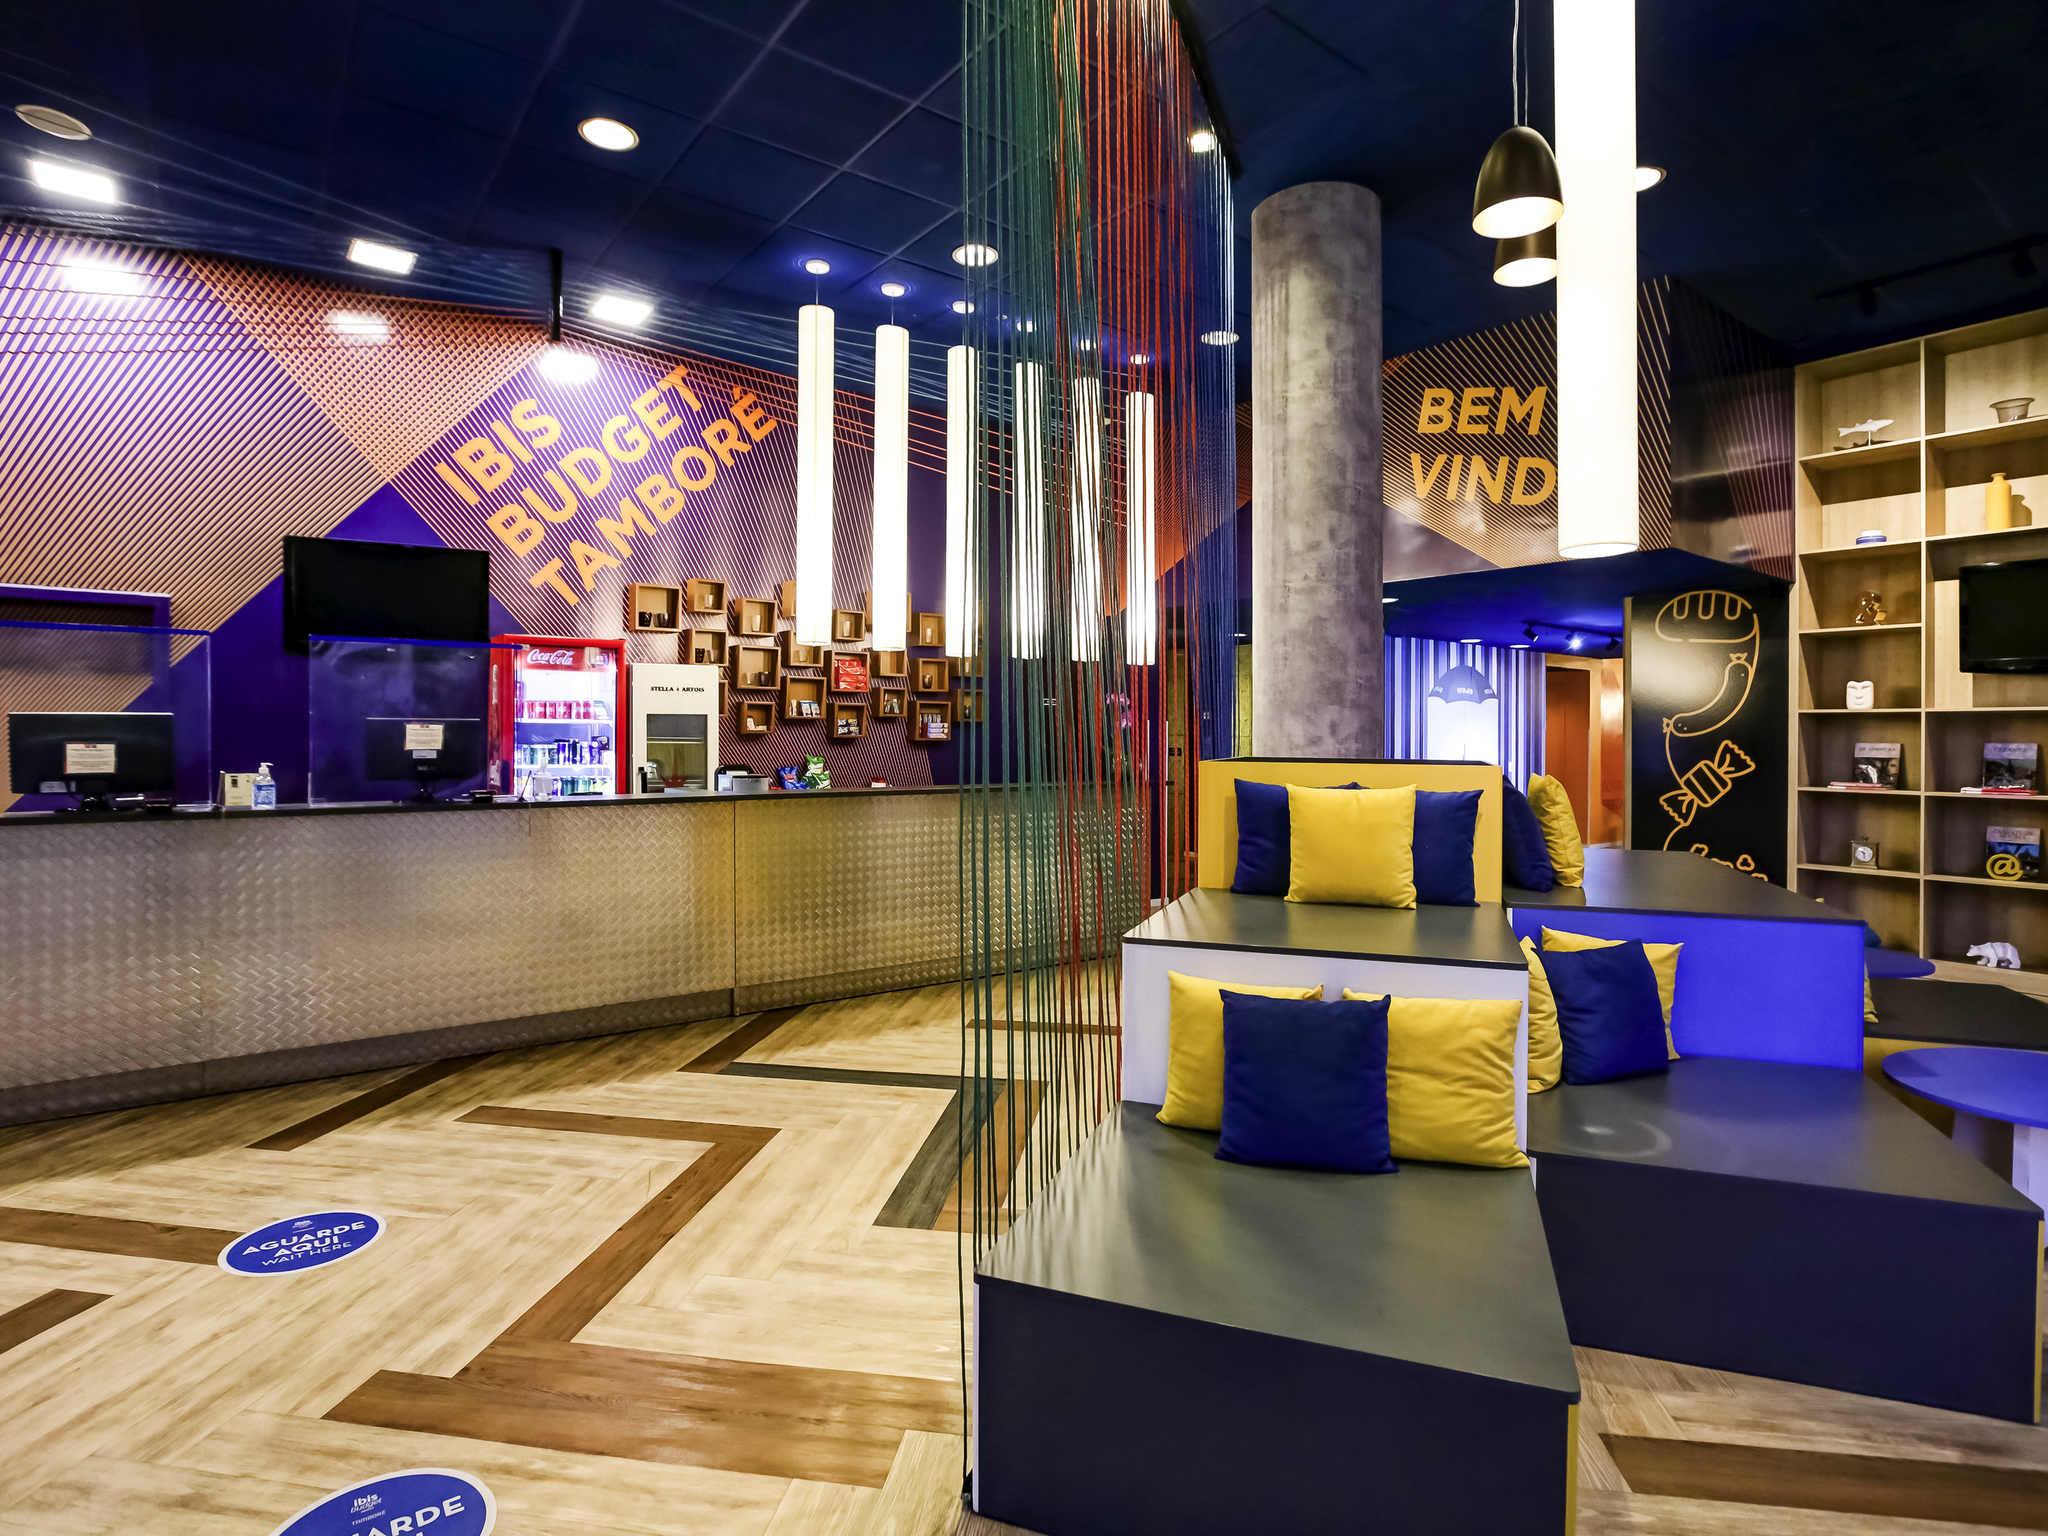 Hotell – ibis budget Tambore